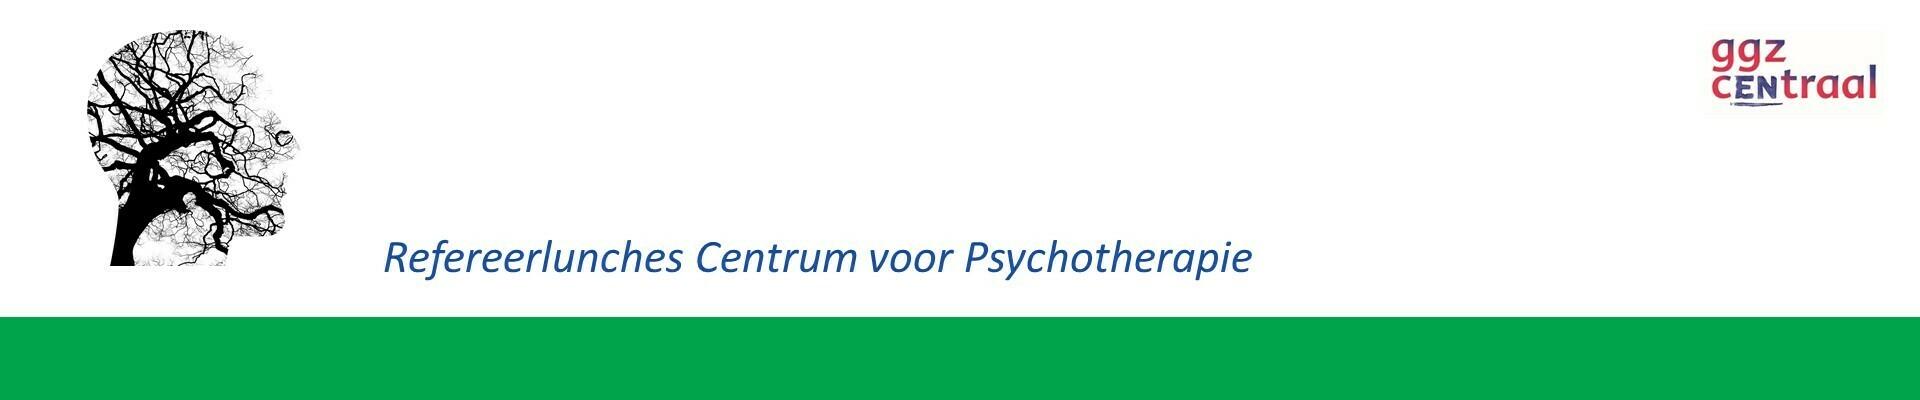 Refereerlunch Centrum voor Psychotherapie 14 september